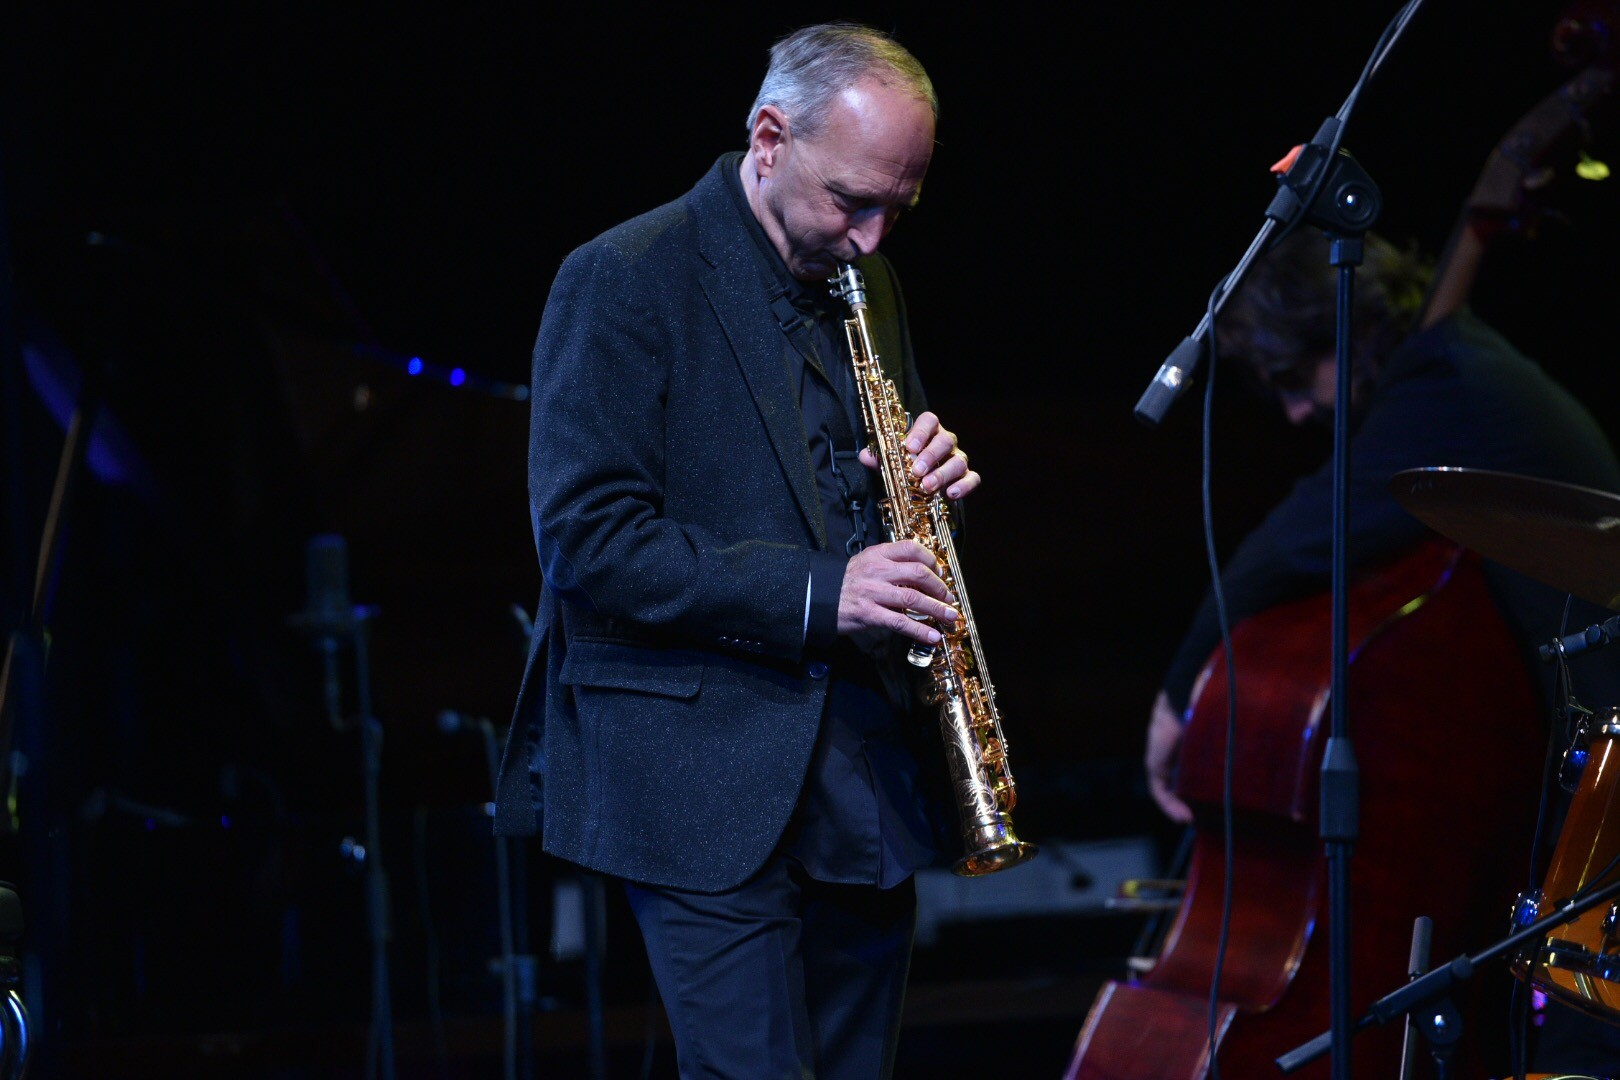 Второй международный фестиваль джазовой музыки «Дельта-джаз» стартовал в Астрахани